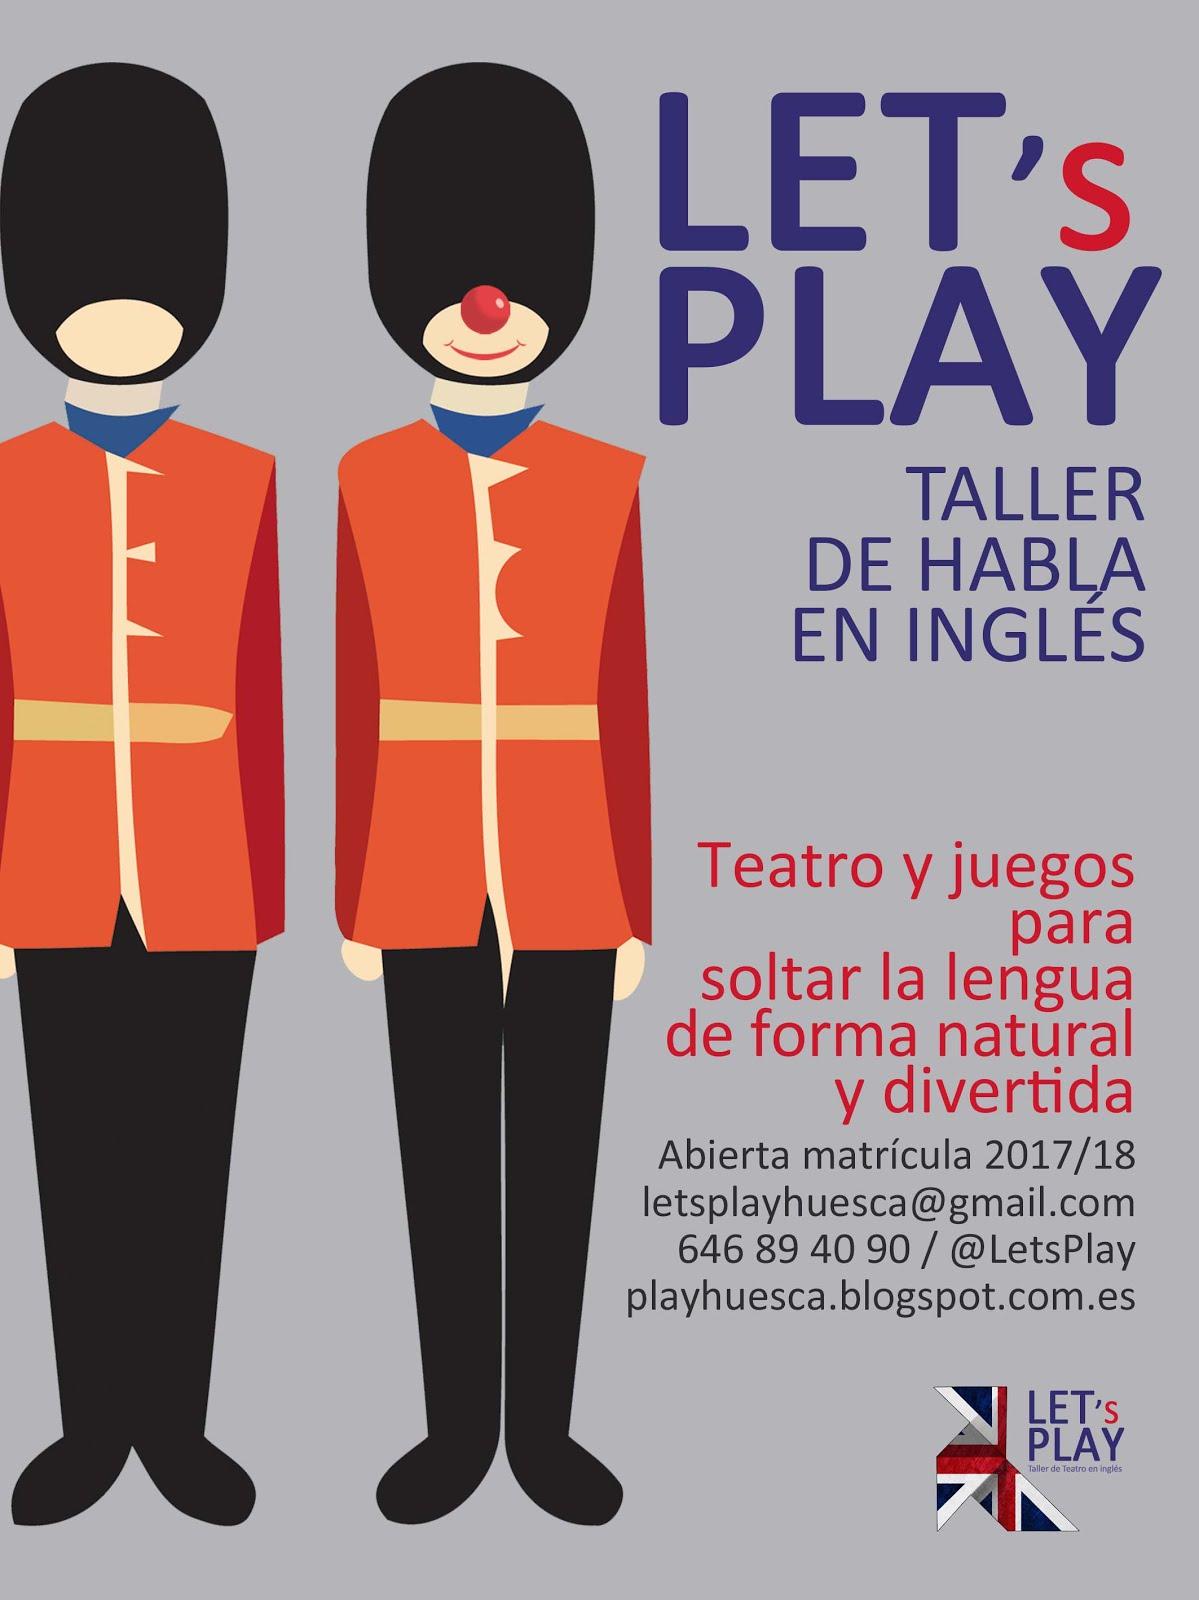 LET'S PLAY NIÑOS